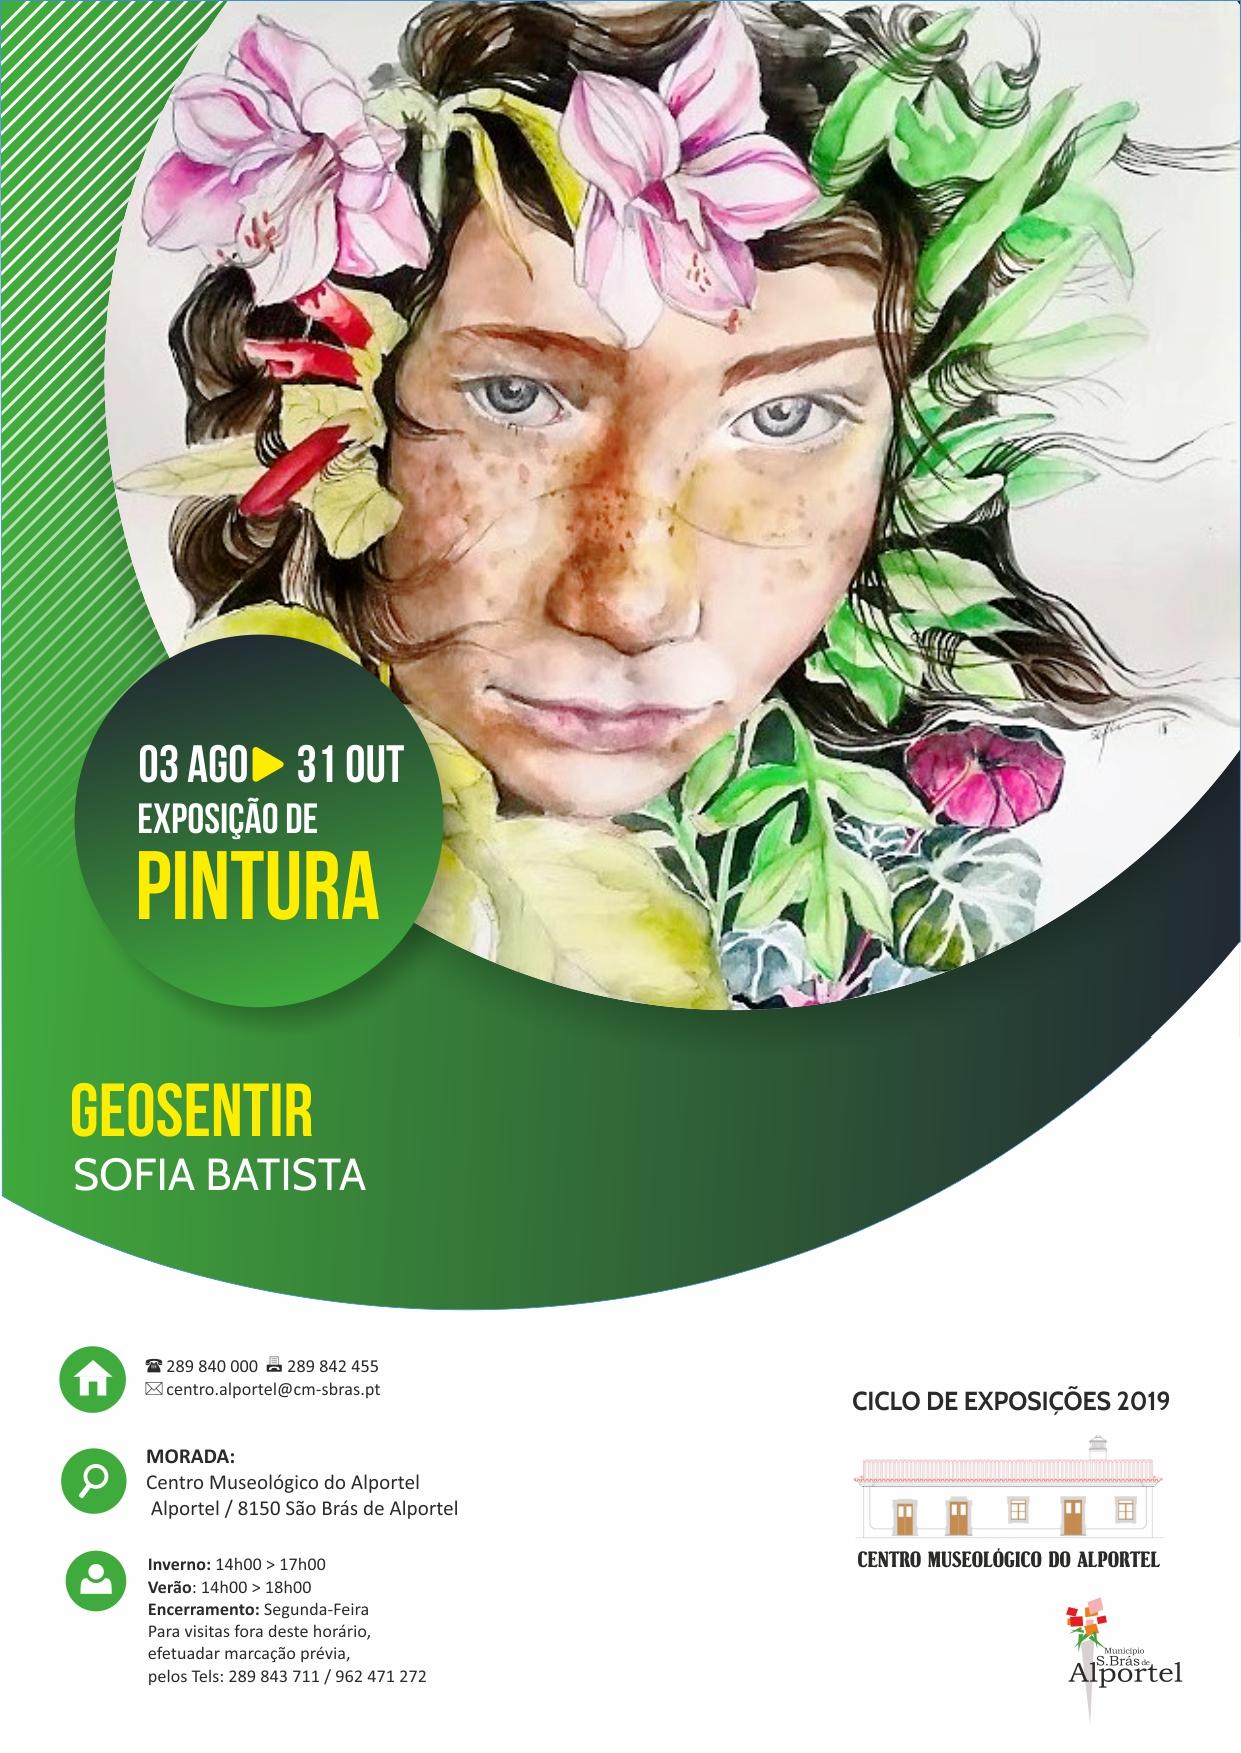 cartaz da exposição geosentir - pintura de sofia batista